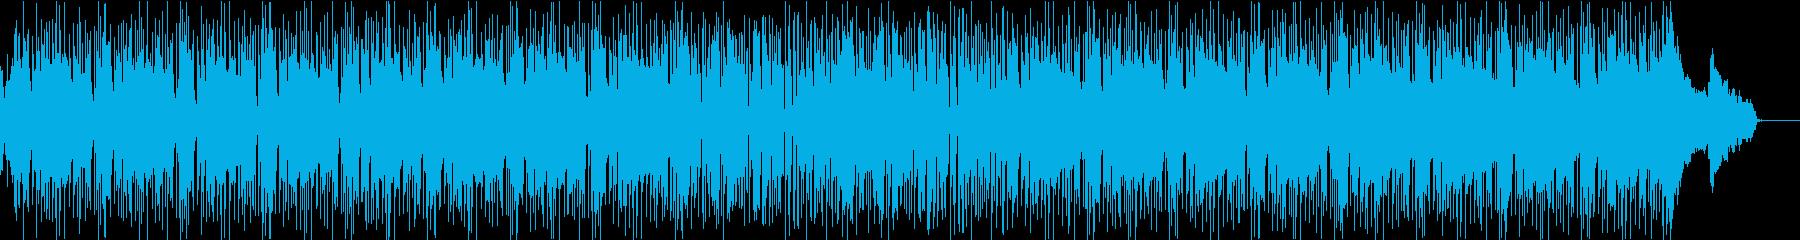 格闘ゲームのキャラクター選択画面風楽曲の再生済みの波形